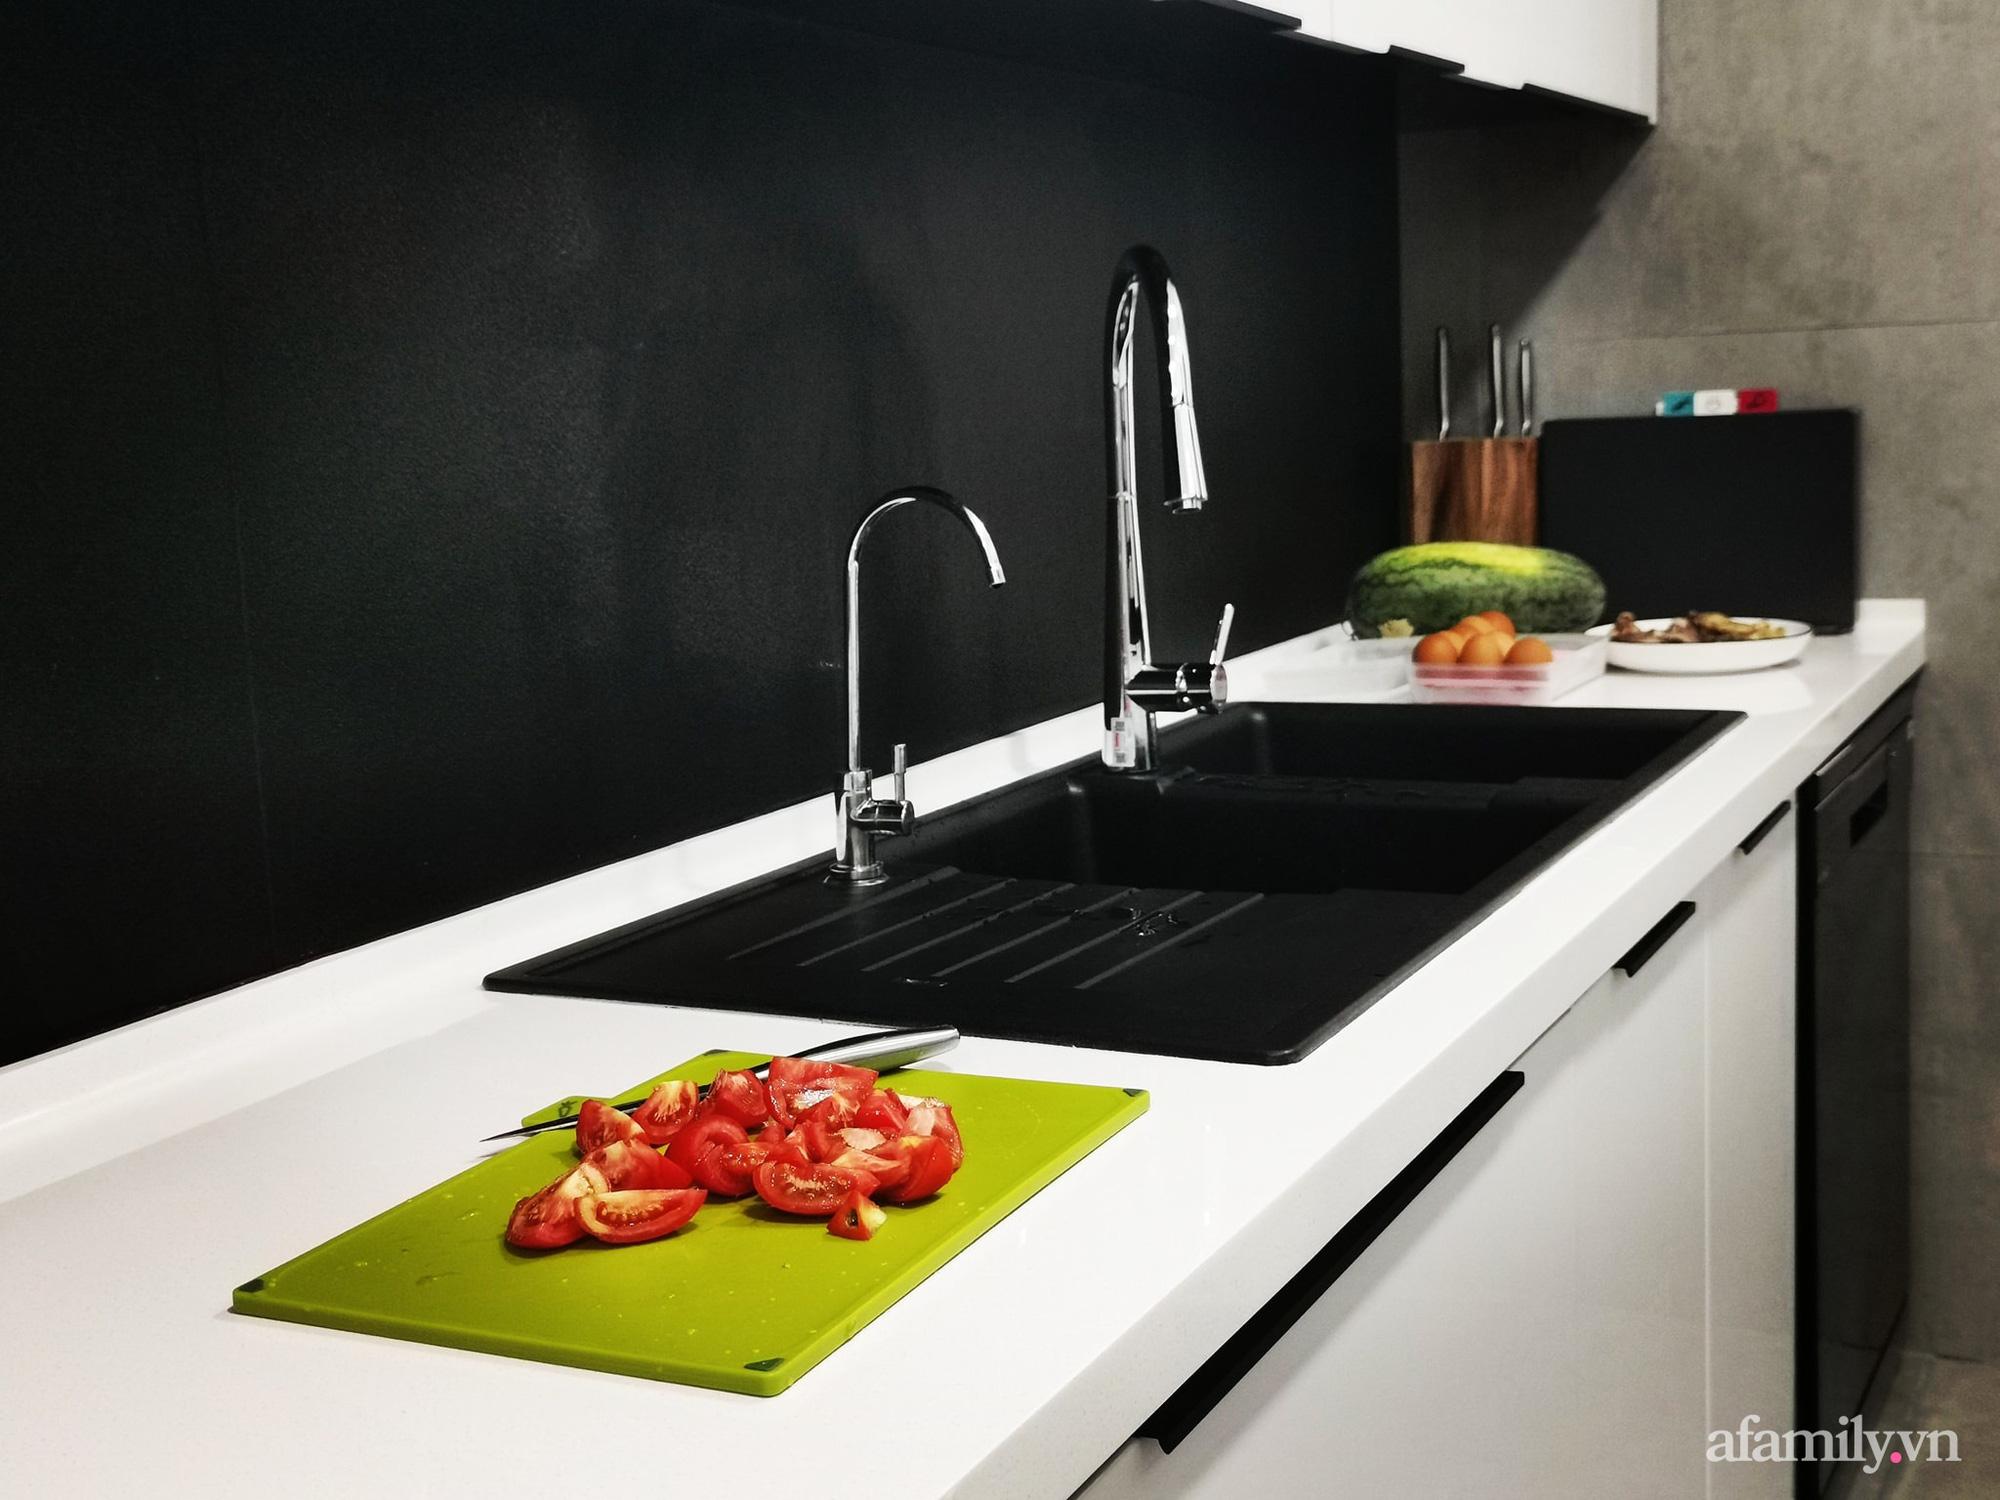 """Căn bếp 13m2 chứa """"tỉ thứ đồ"""" bên trong nhờ thiết kế """"hệ giấu"""" thông minh của người phụ nữ Hà Nội - Ảnh 3."""